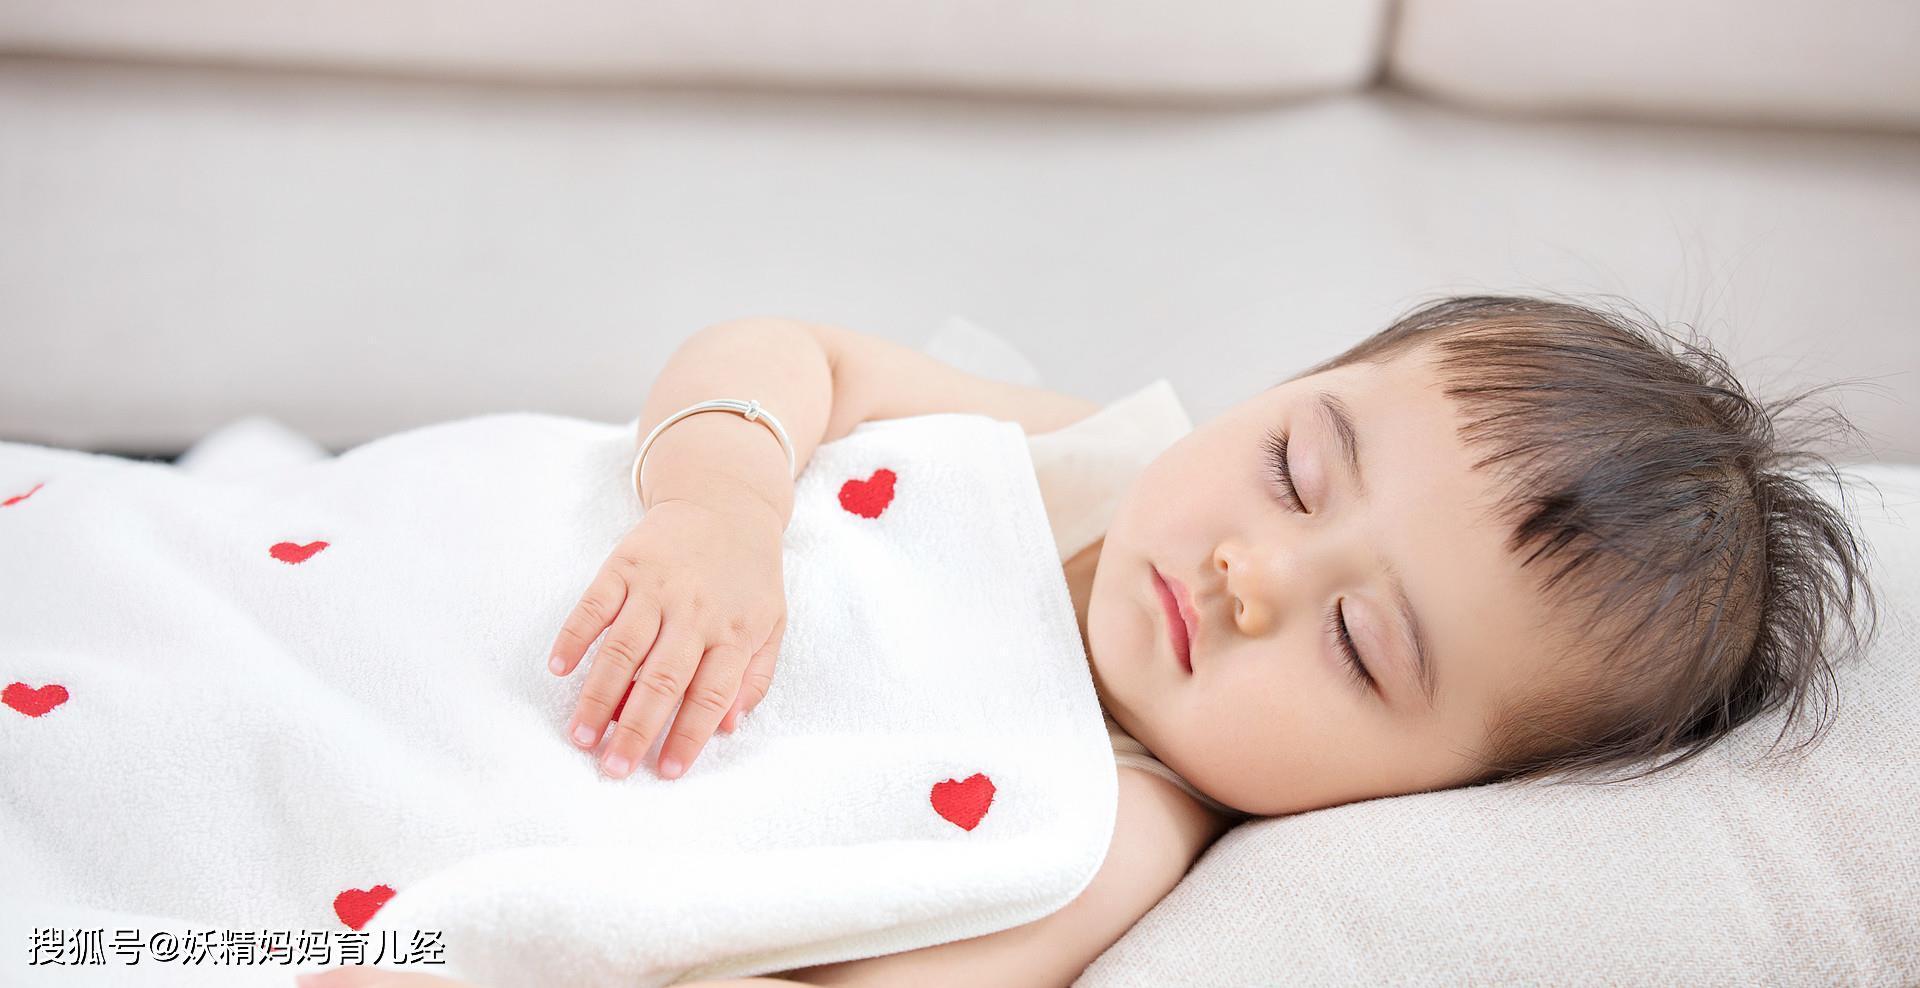 """【孩子】暗藏孩子""""不同性格"""",你家宝宝属于哪一个,孩子常见的5种睡姿"""